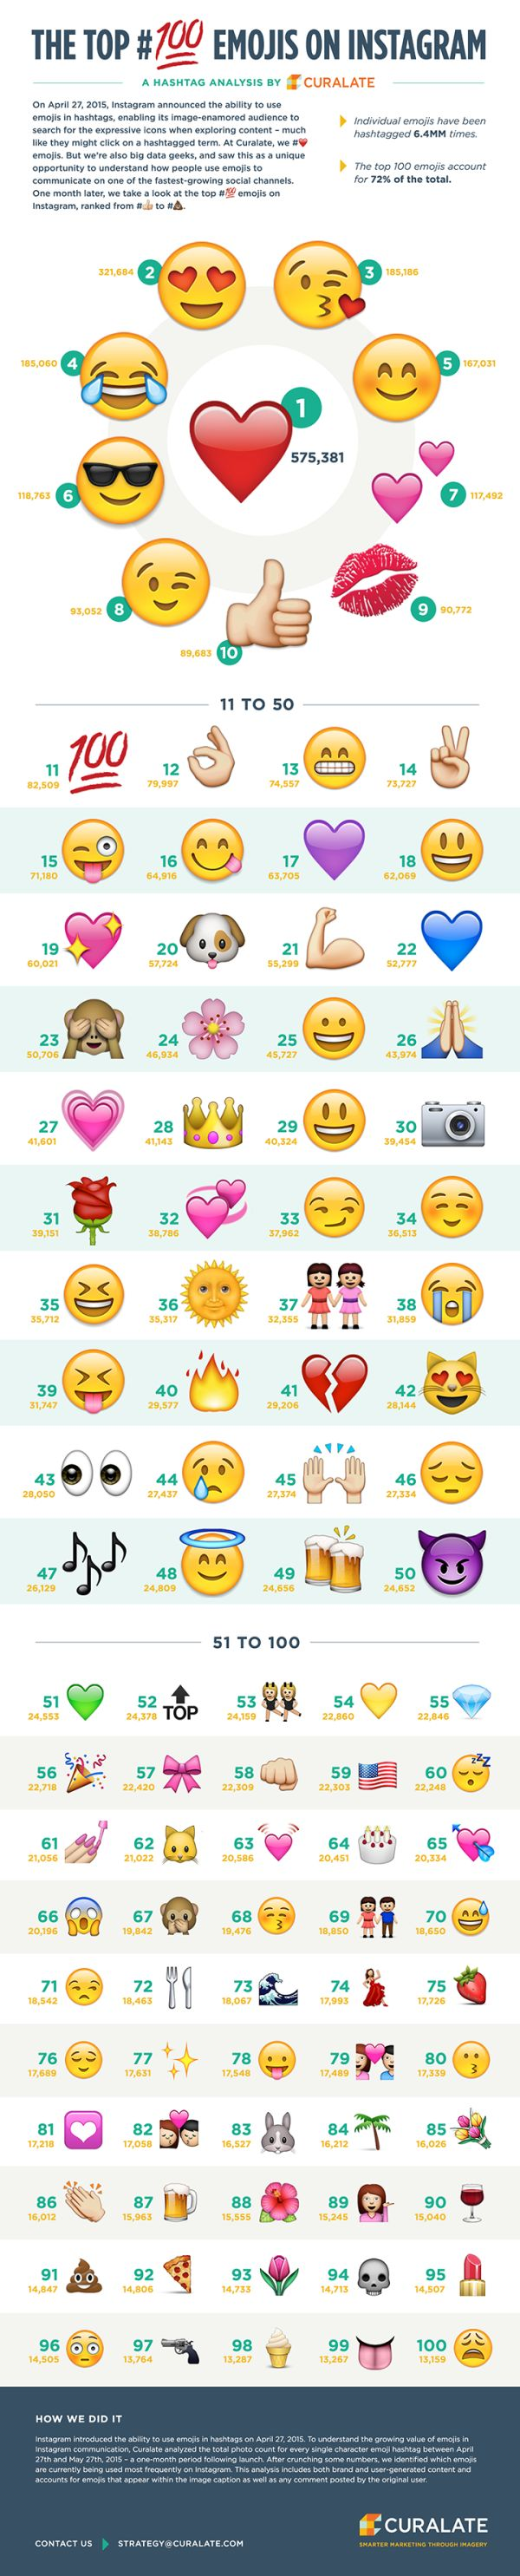 Les emojis les + utilisés sur #Instagram